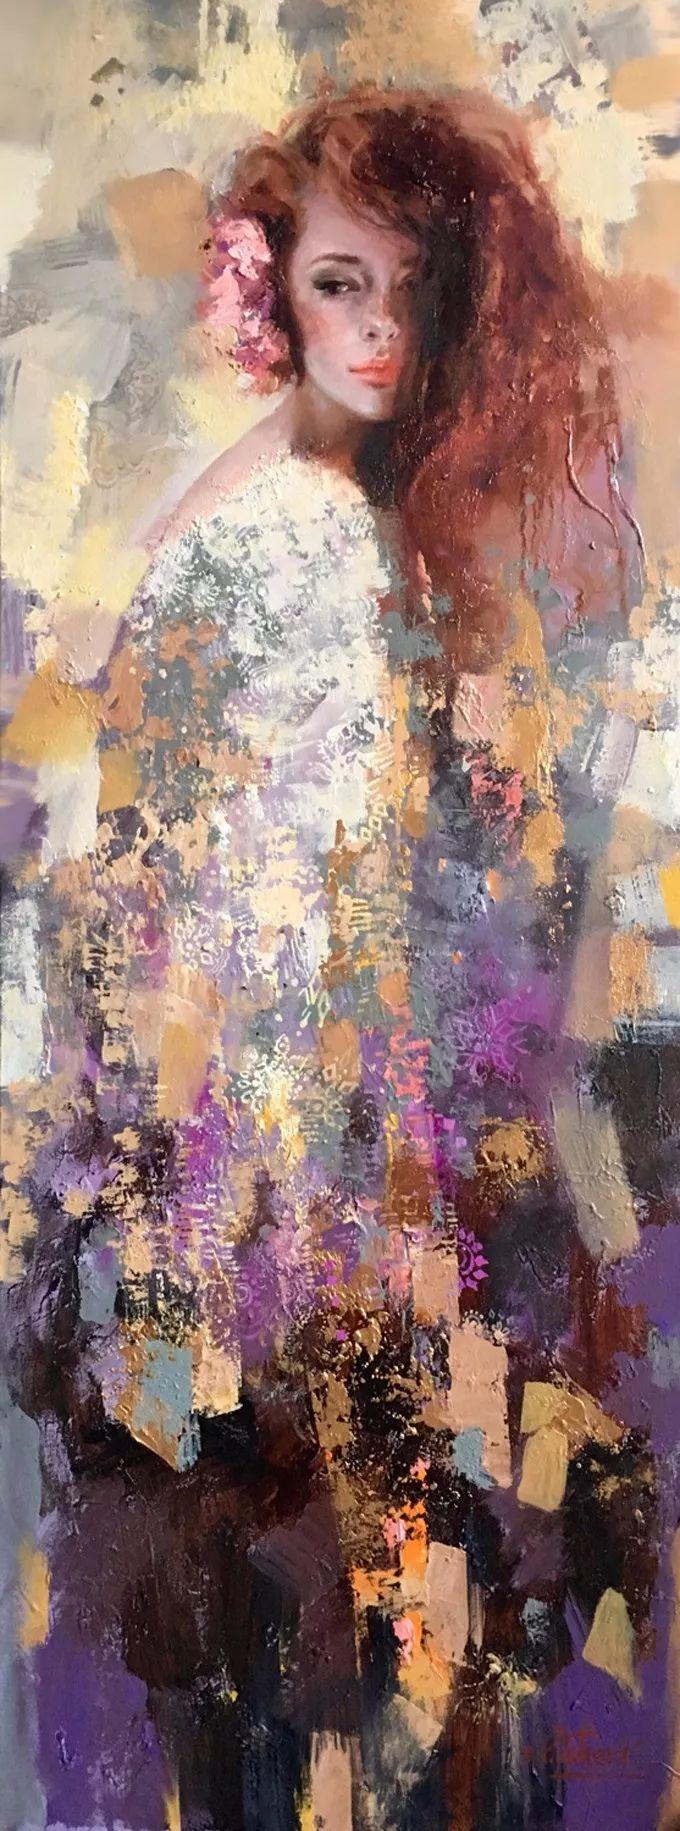 她的油画里,有一种惊艳脱俗的美!插图23